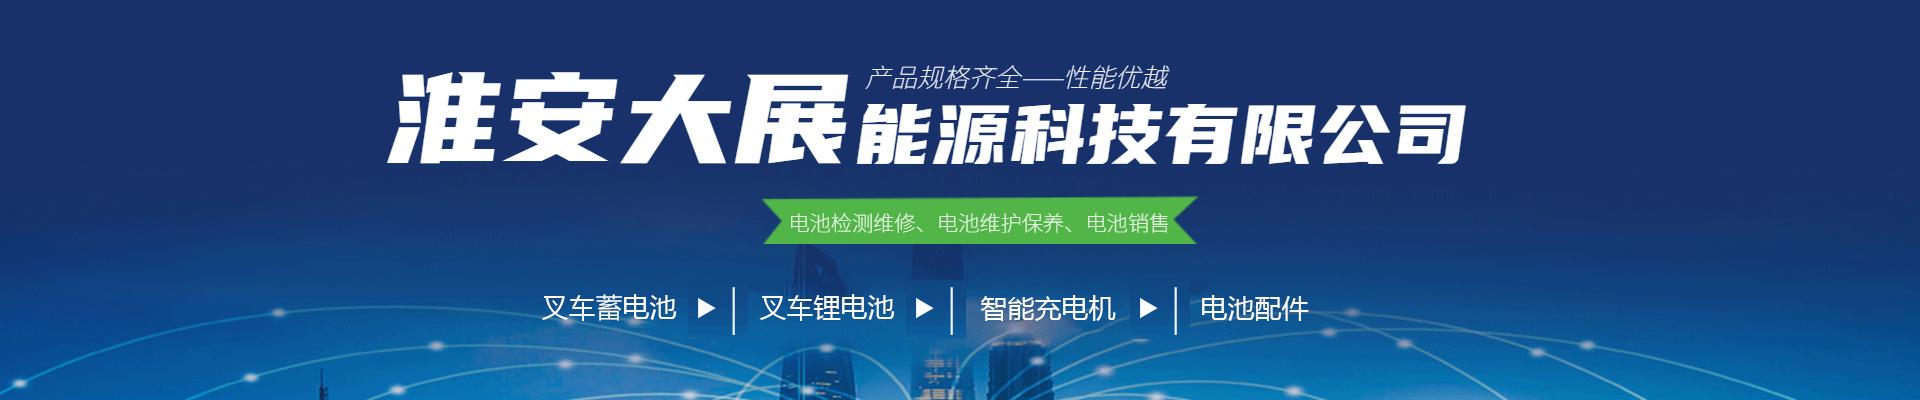 淮安大展能源科技有限公司公司介紹